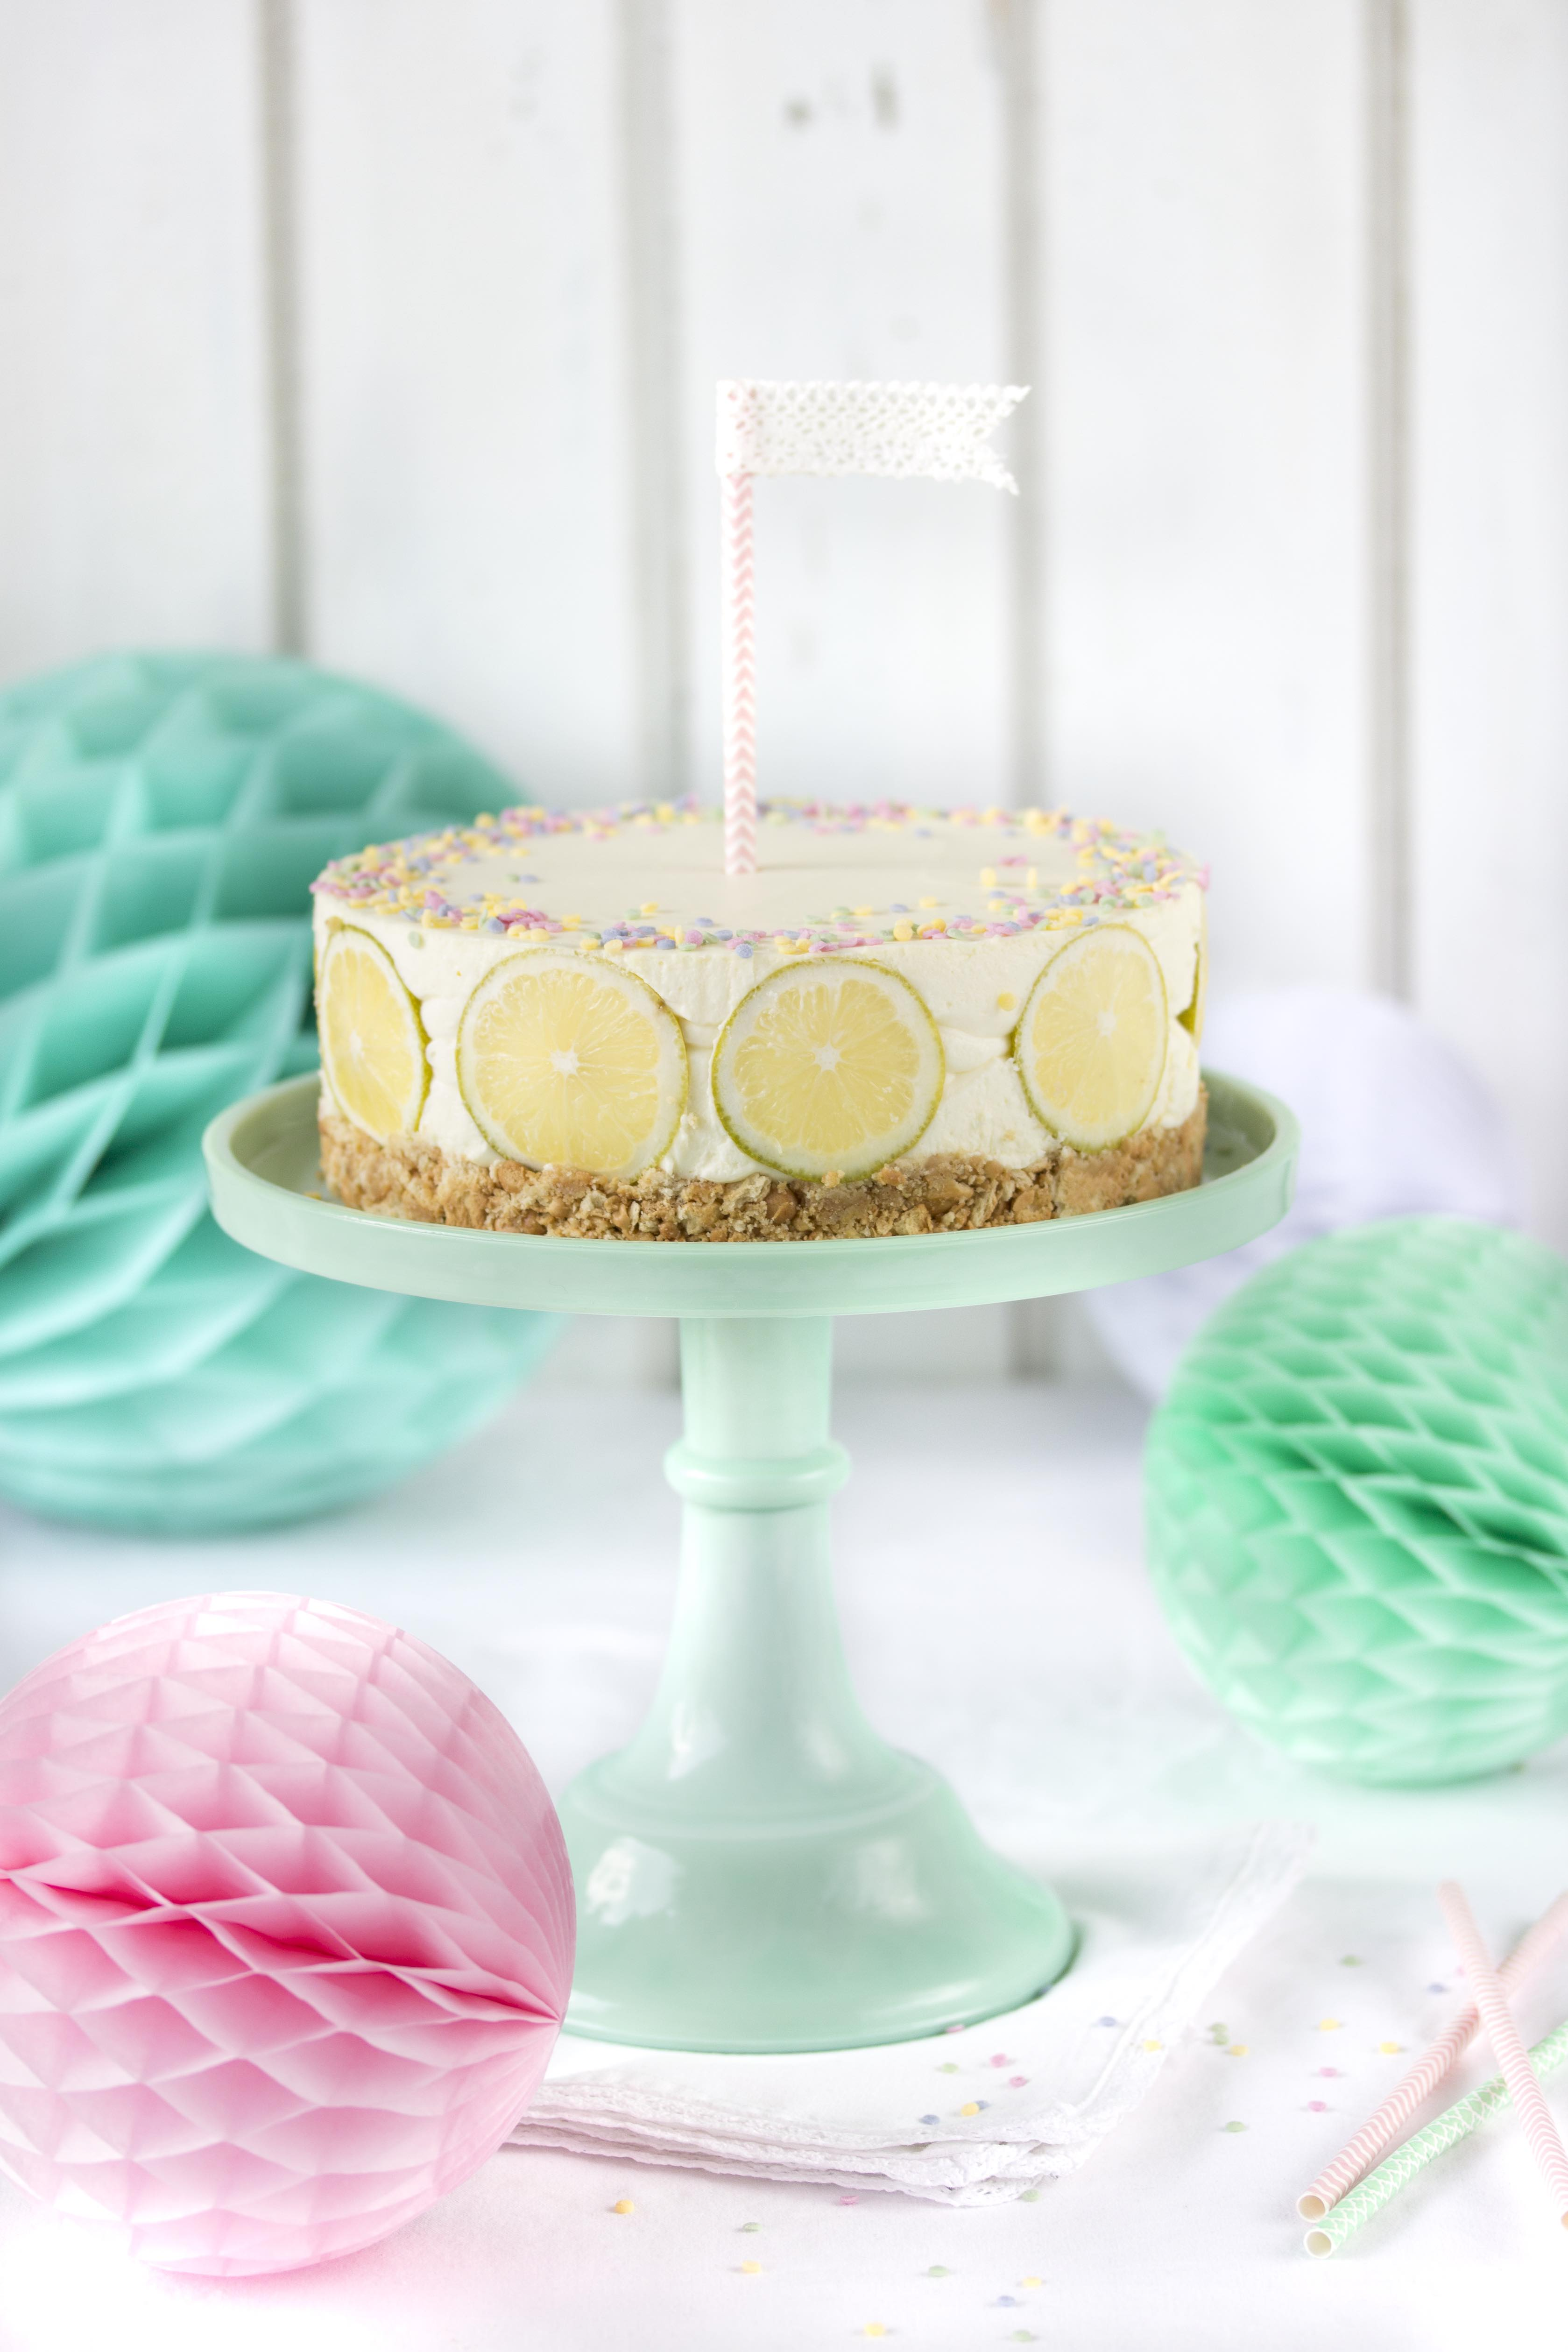 Rezept: Erfrischender Zitronen Cheesecake mit Knusperboden und ganz ohne backen Lemon Torte No bake Kühlschranktorte #lemon #zitrone #cheesecake #emmaslieblingsstücke | Emma´s Lieblingsstücke